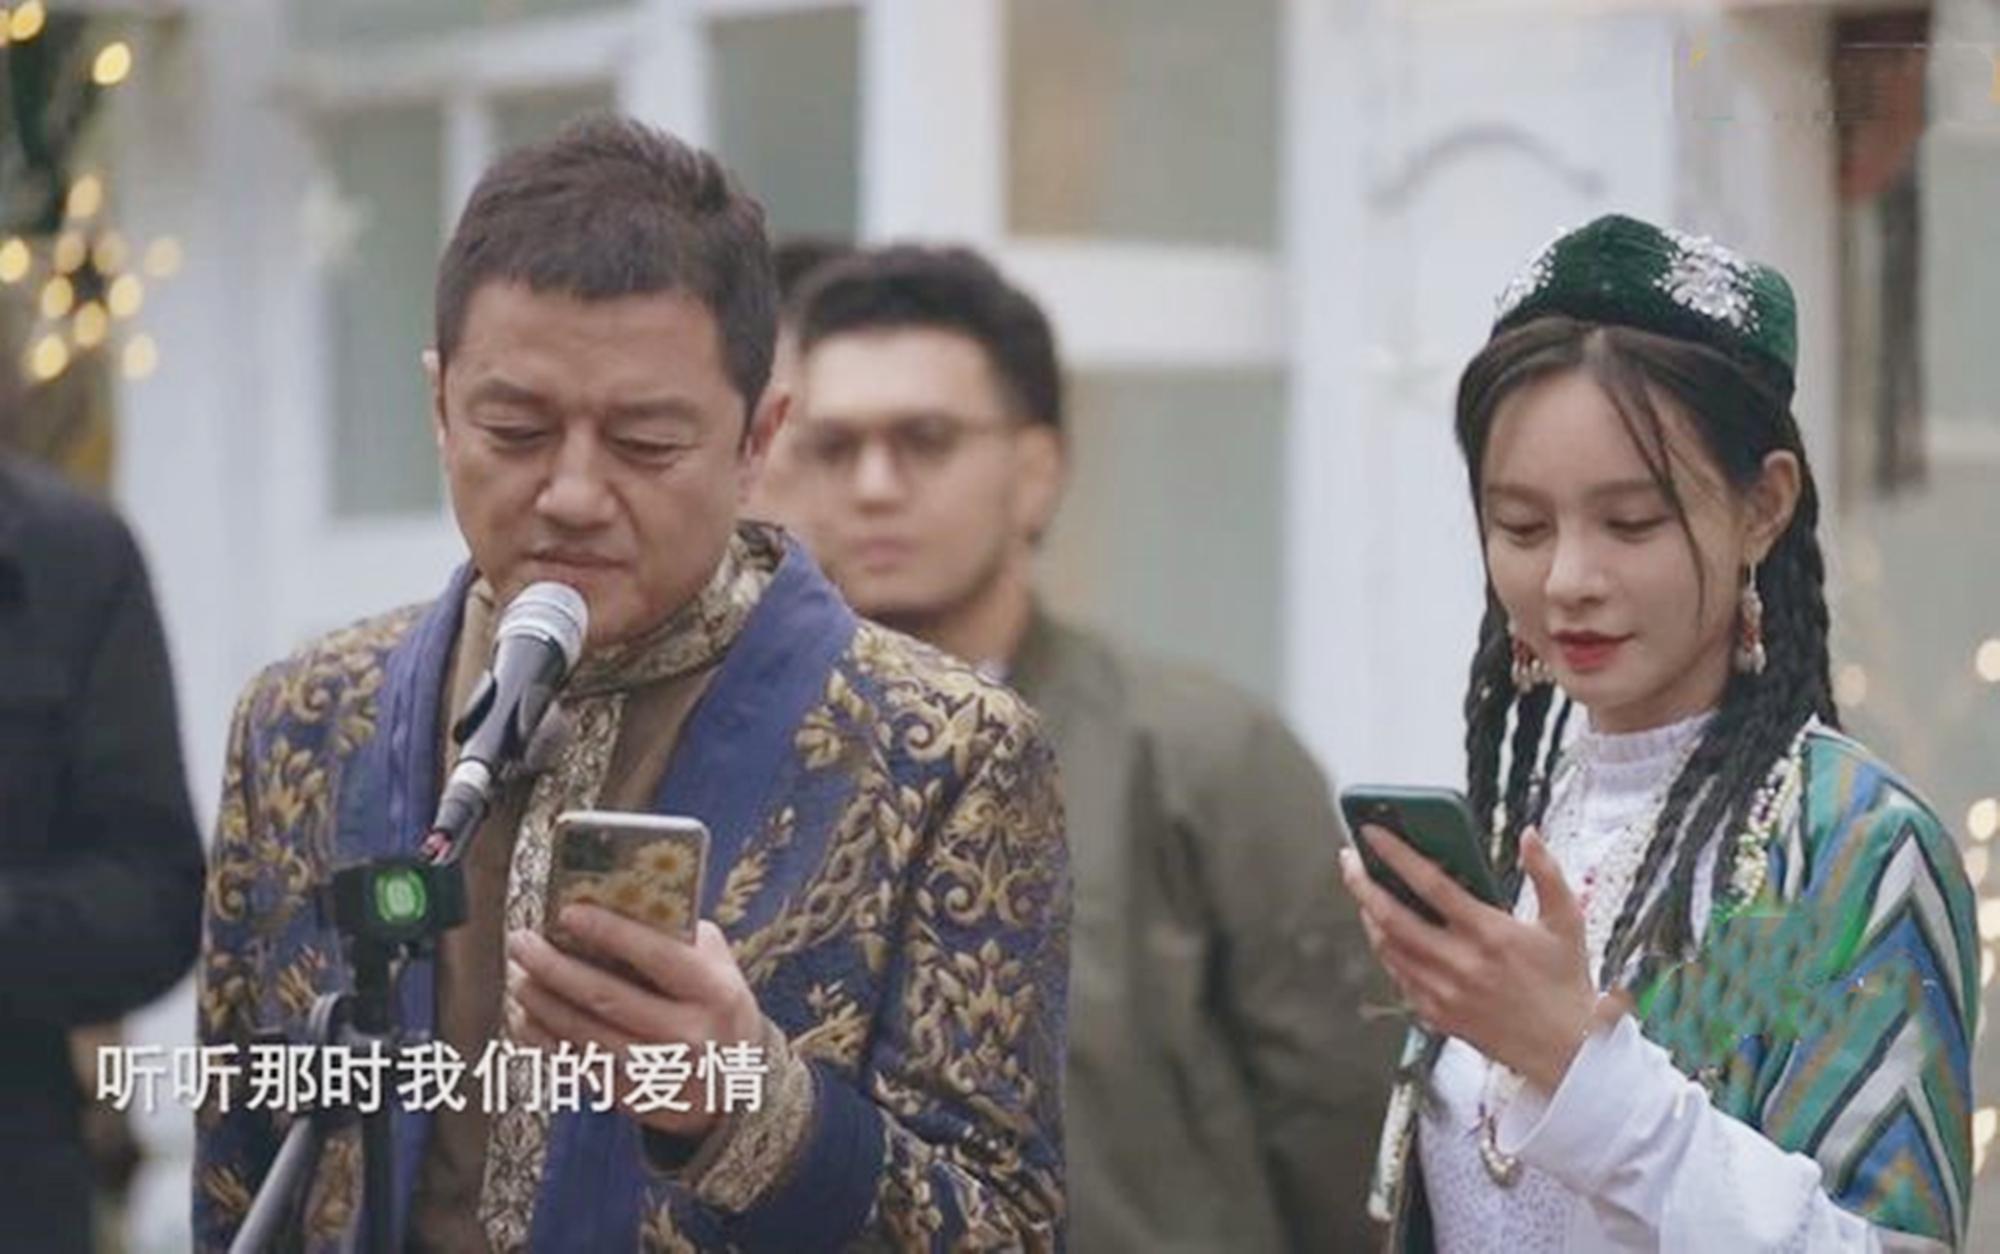 离婚7年!李亚鹏与她对唱前妻王菲的《因为爱情》,活得真坦荡